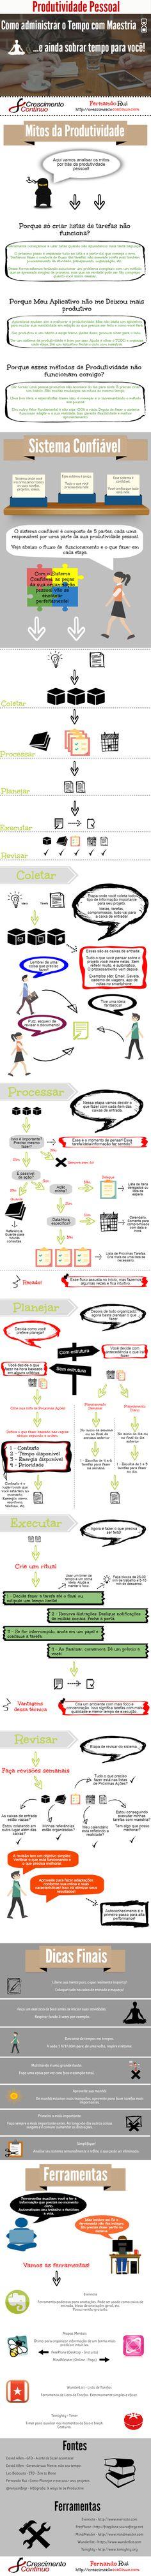 infografico-como-administrar-o-tempo.png (800×13694)